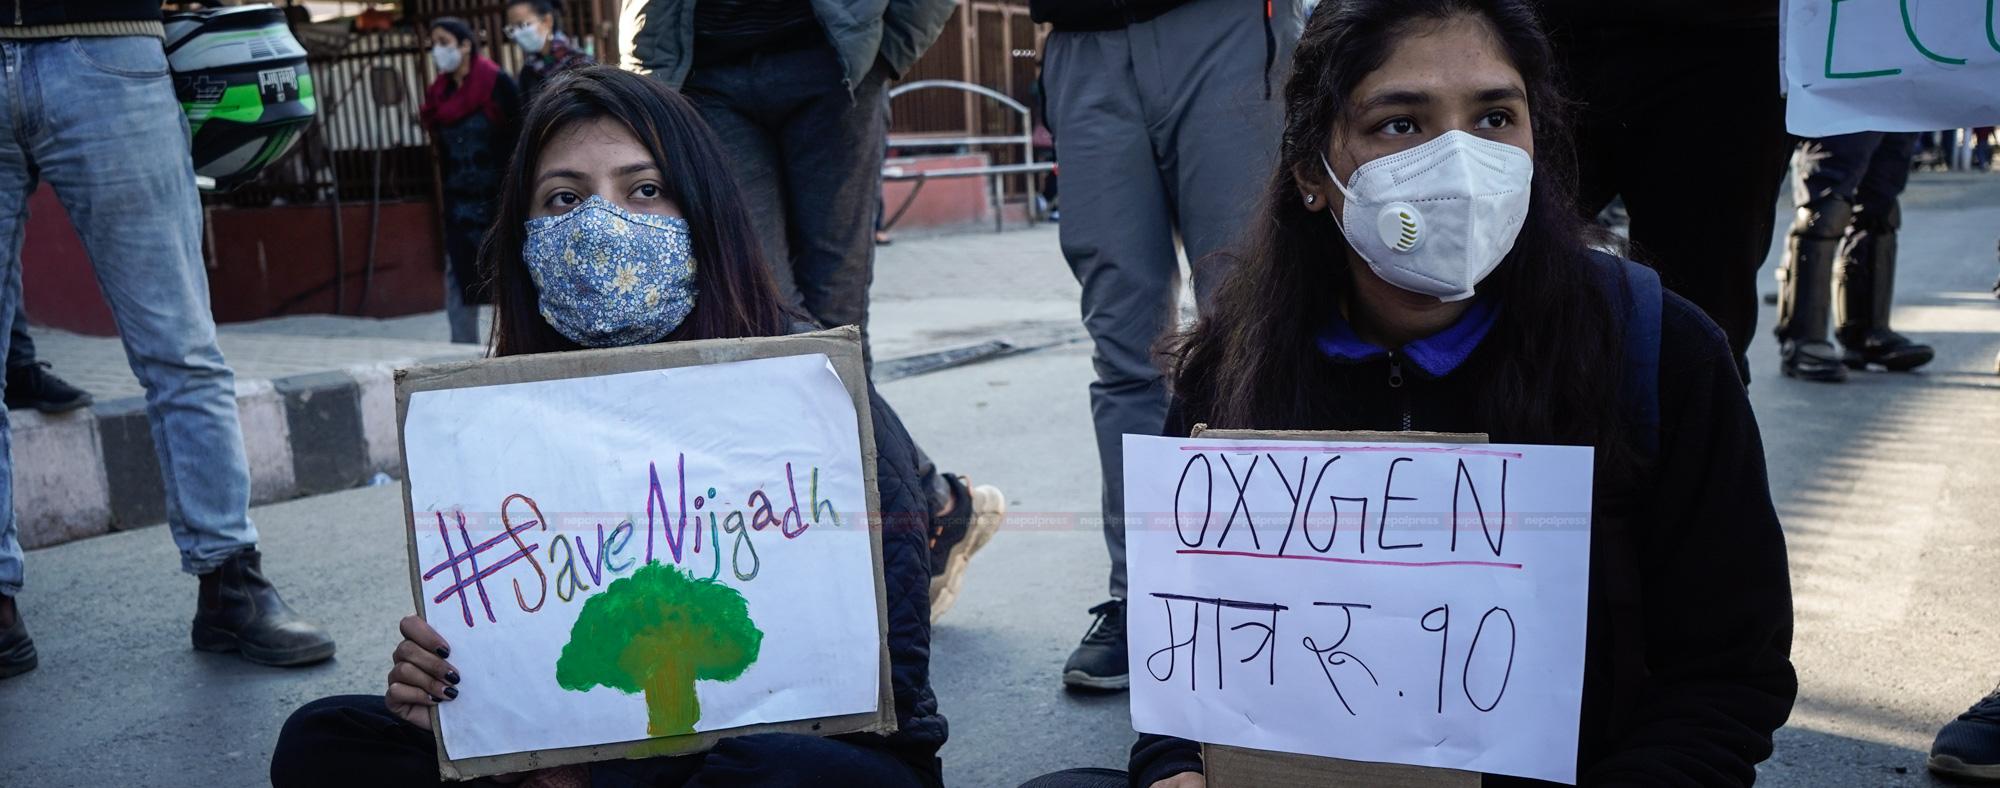 प्रदूषणविरुद्ध प्रदर्शन (फोटो फिचर)